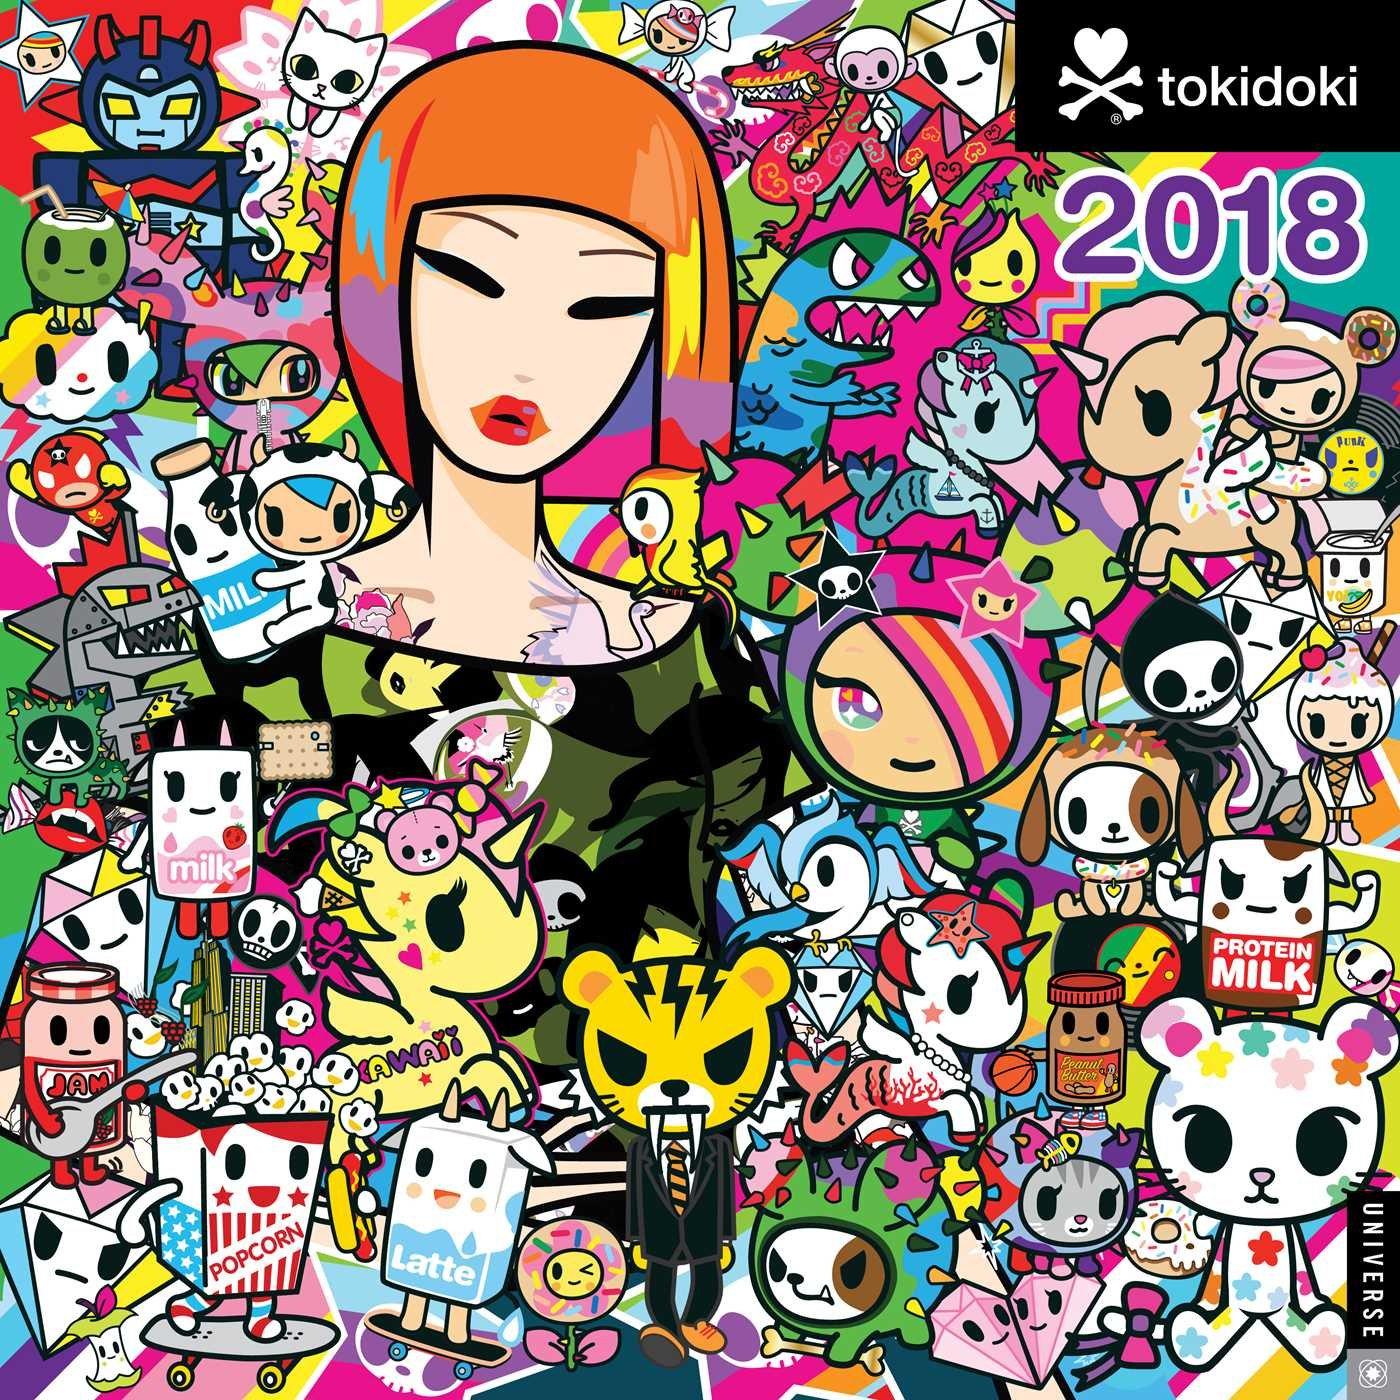 tokidoki 2018 wall calendar simone legno 0676728033561 amazon